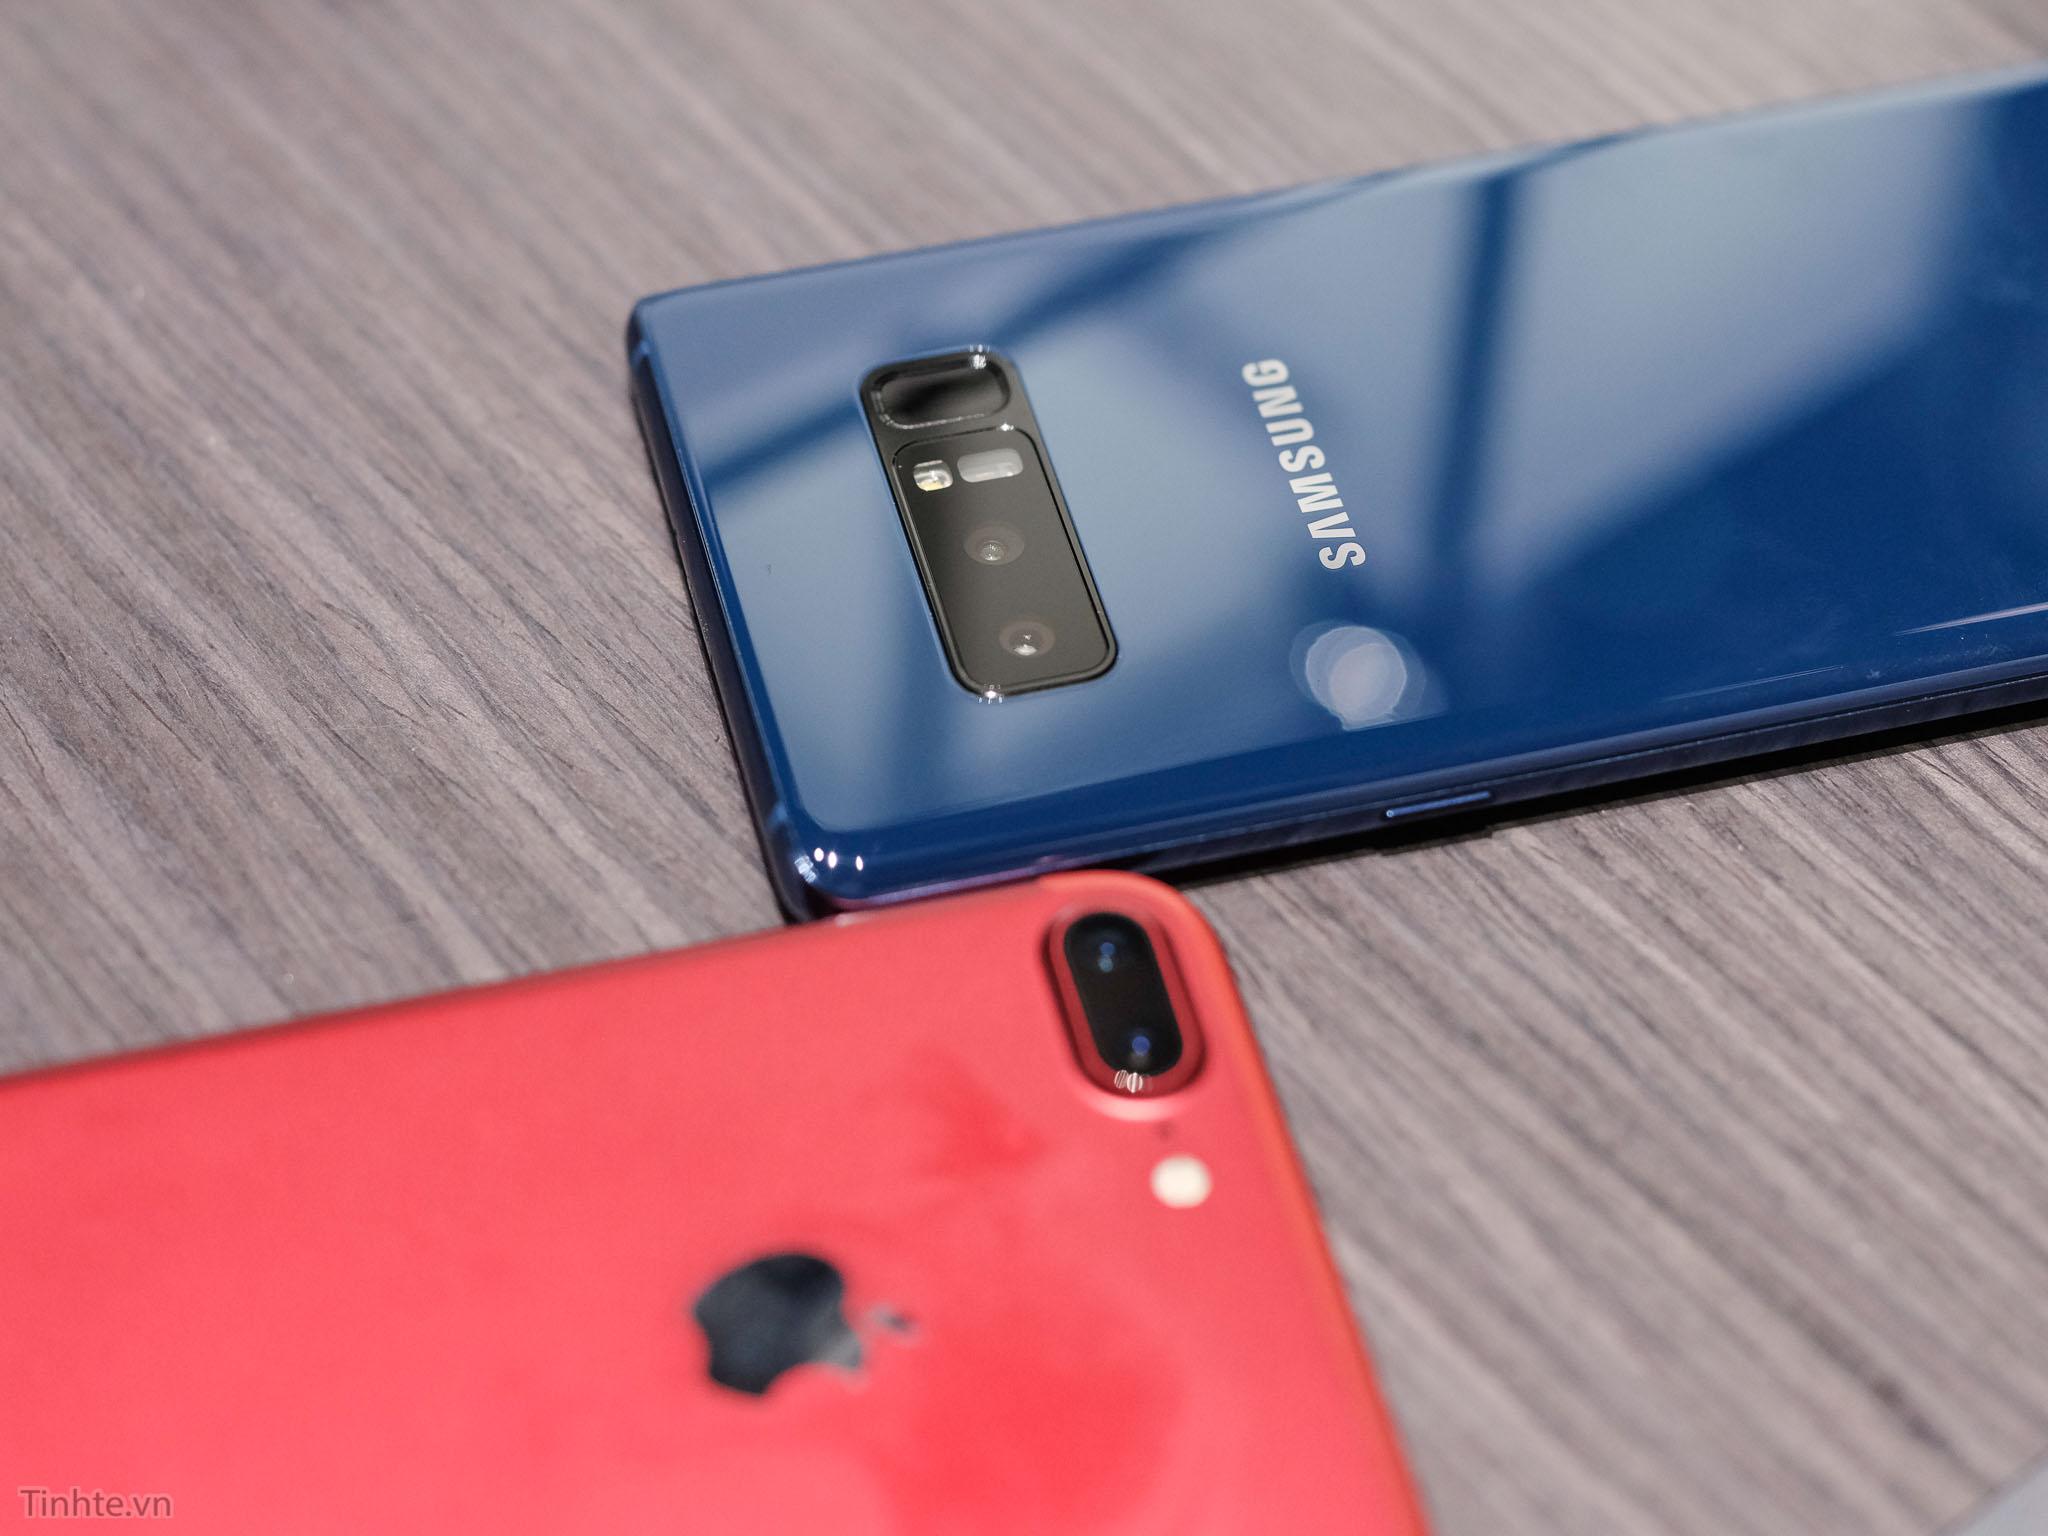 Samsung_Galaxy_Note_8_tinhte.vn-22.jpg